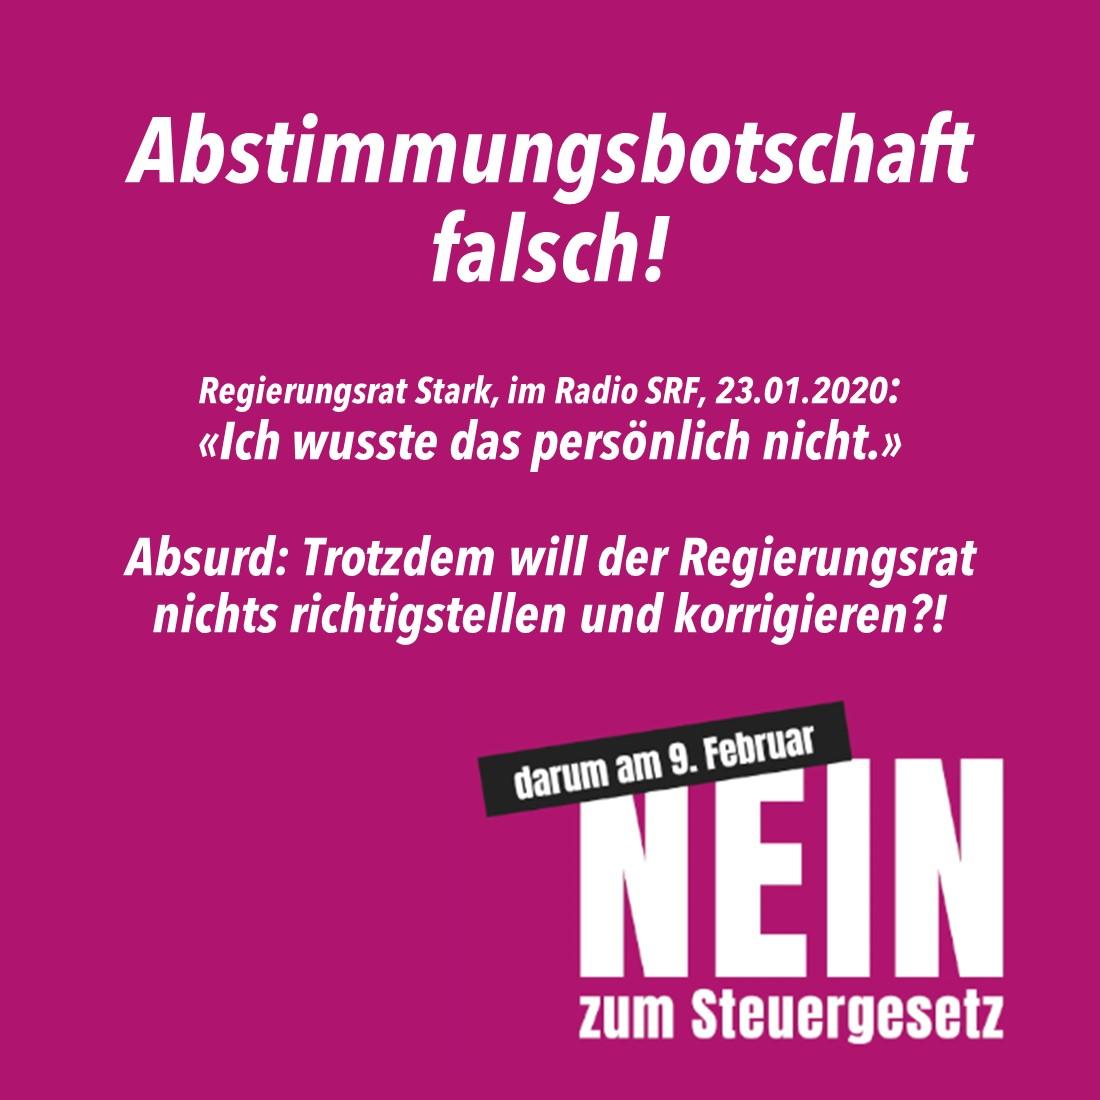 Empfehlung Thurgauer Steuergesetzt 02.2020